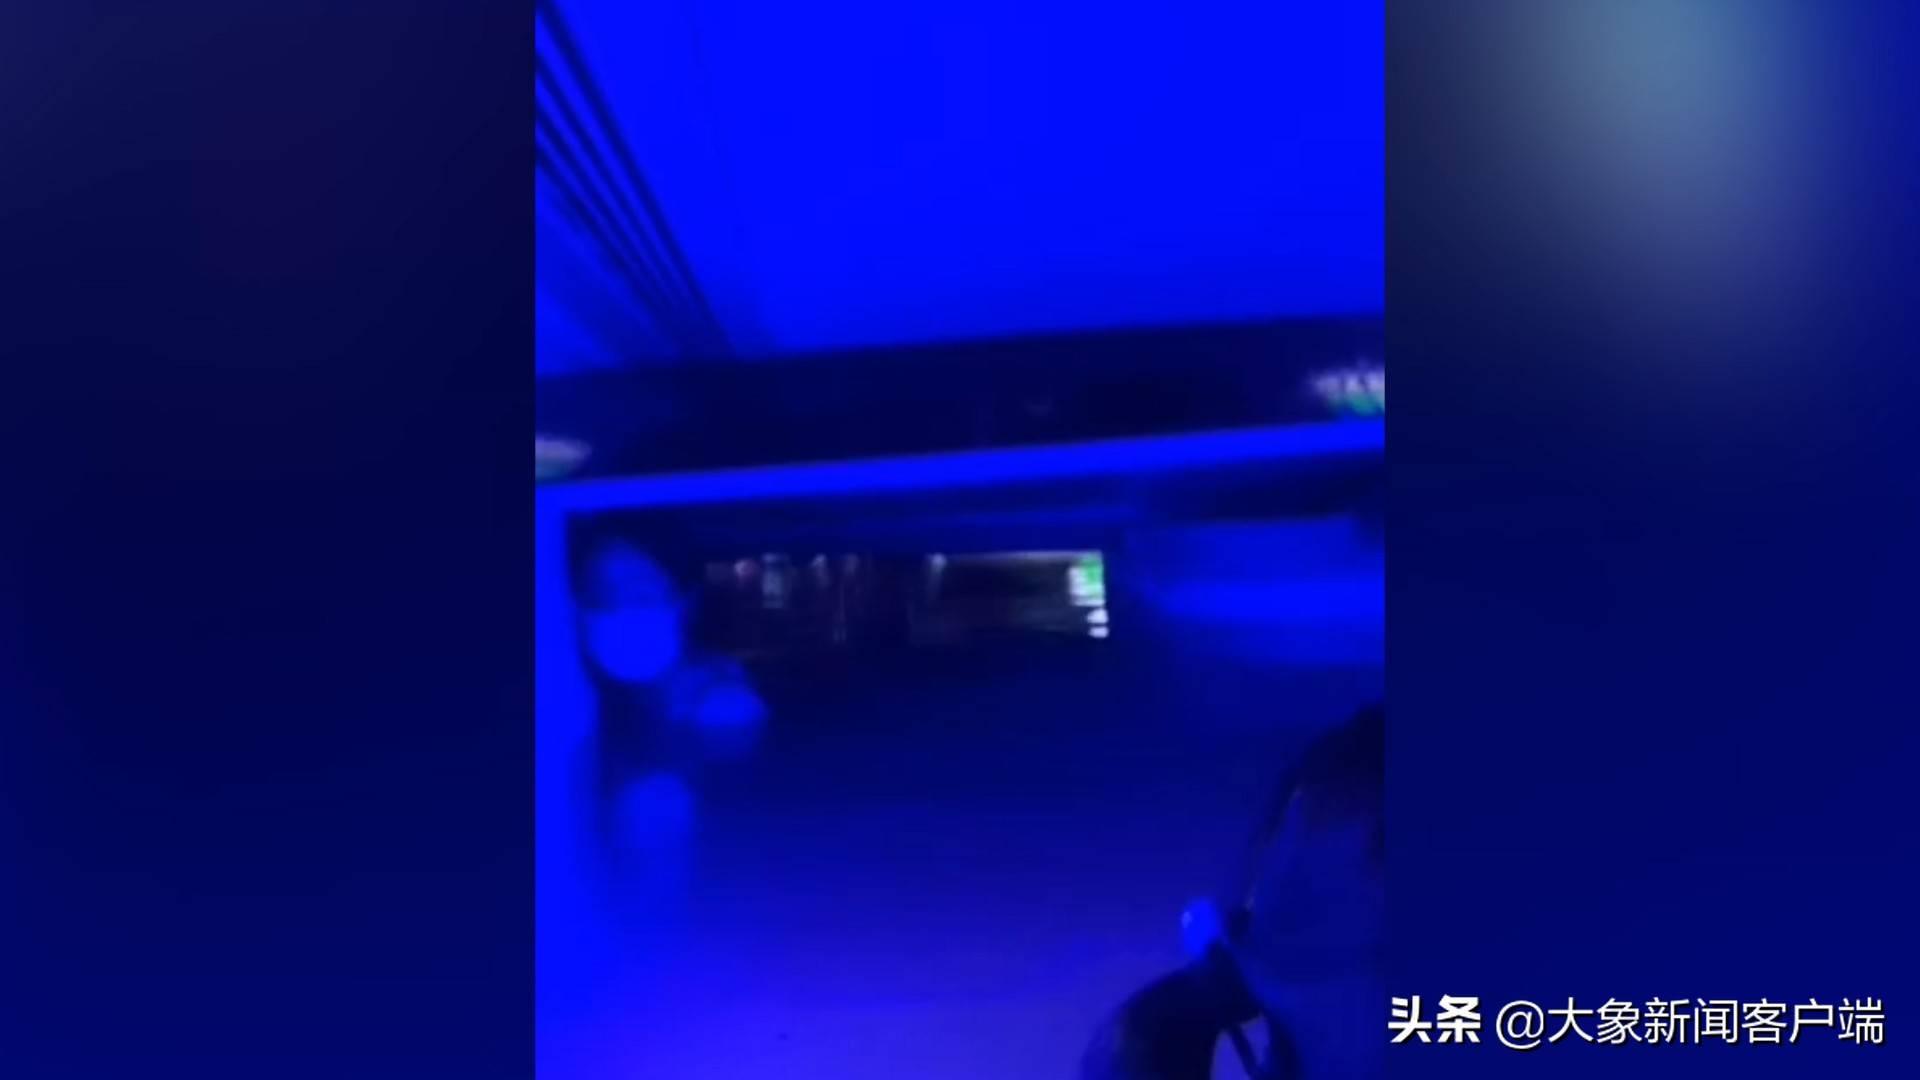 郑州地铁被困者讲述惊魂120分钟(怕自己再也上不来了)  第2张